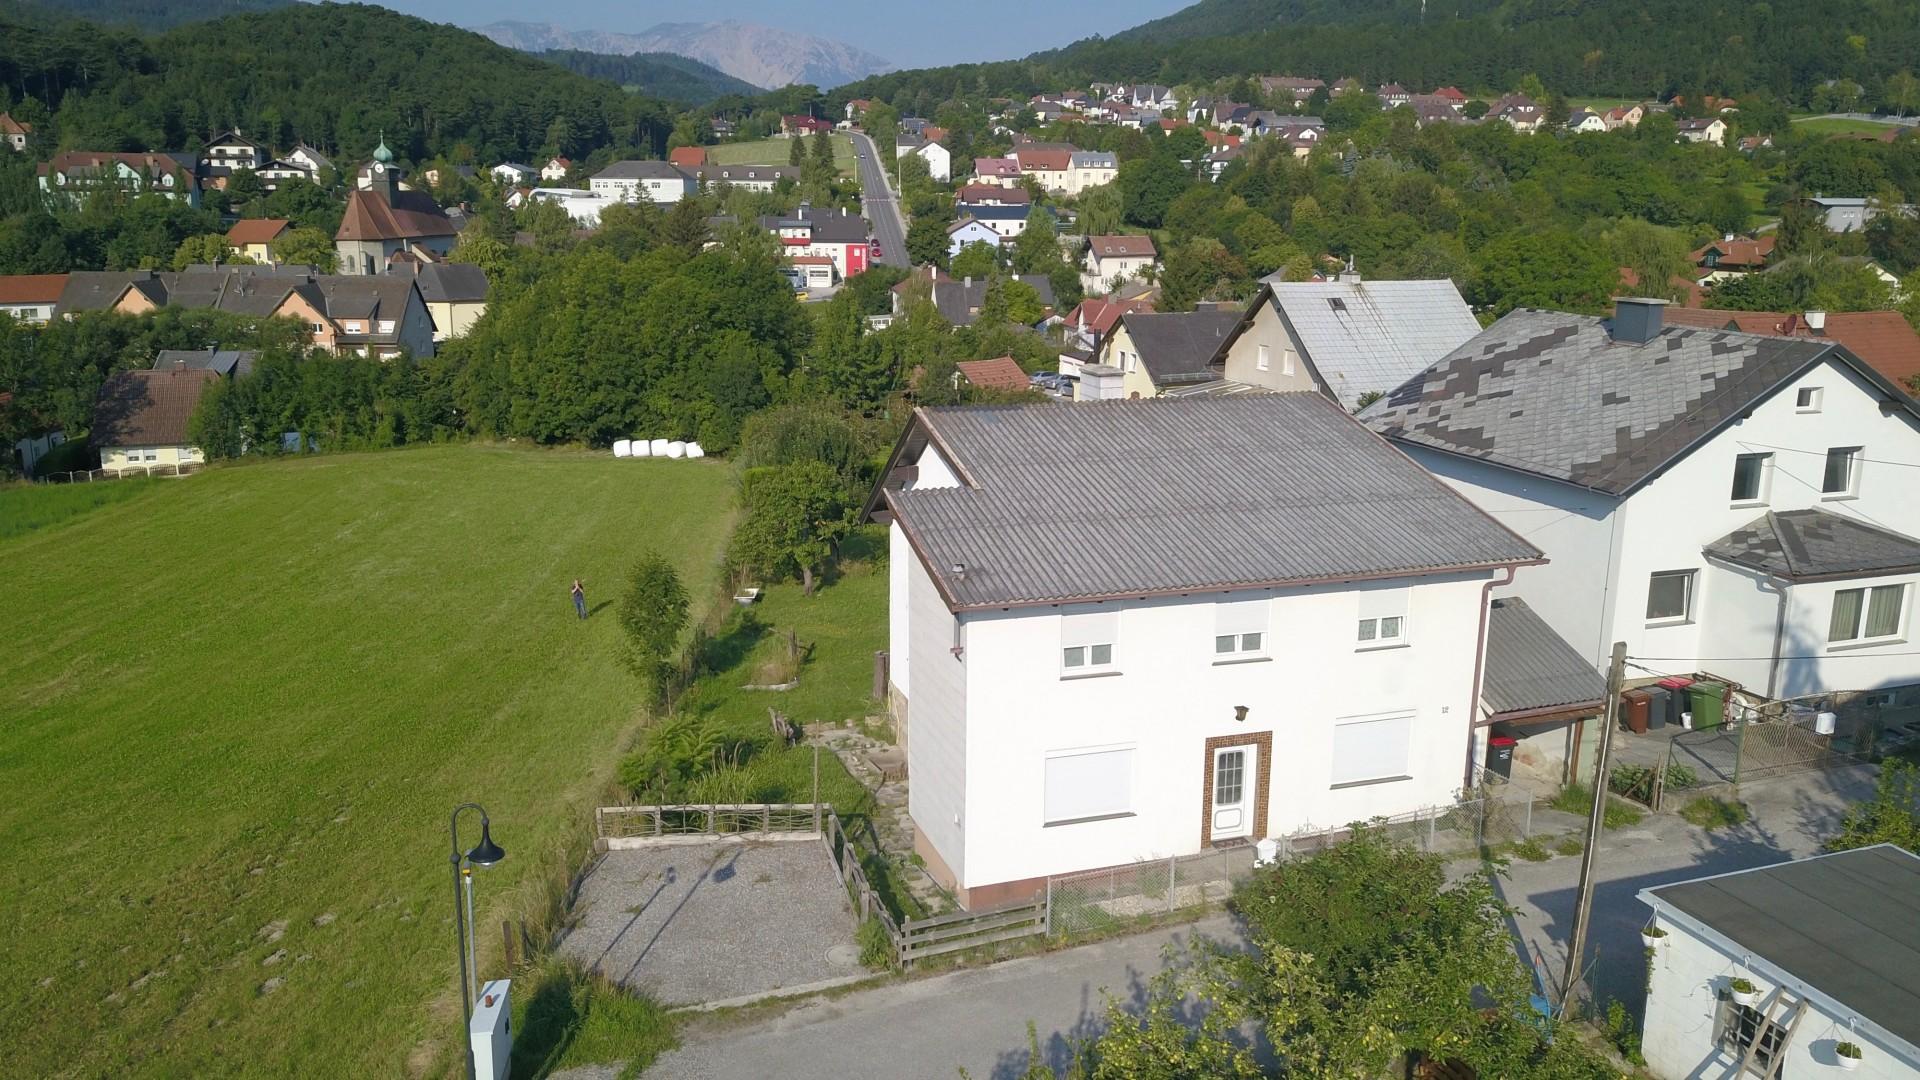 Haus mit kleinem Garten in ruhiger Siedlung